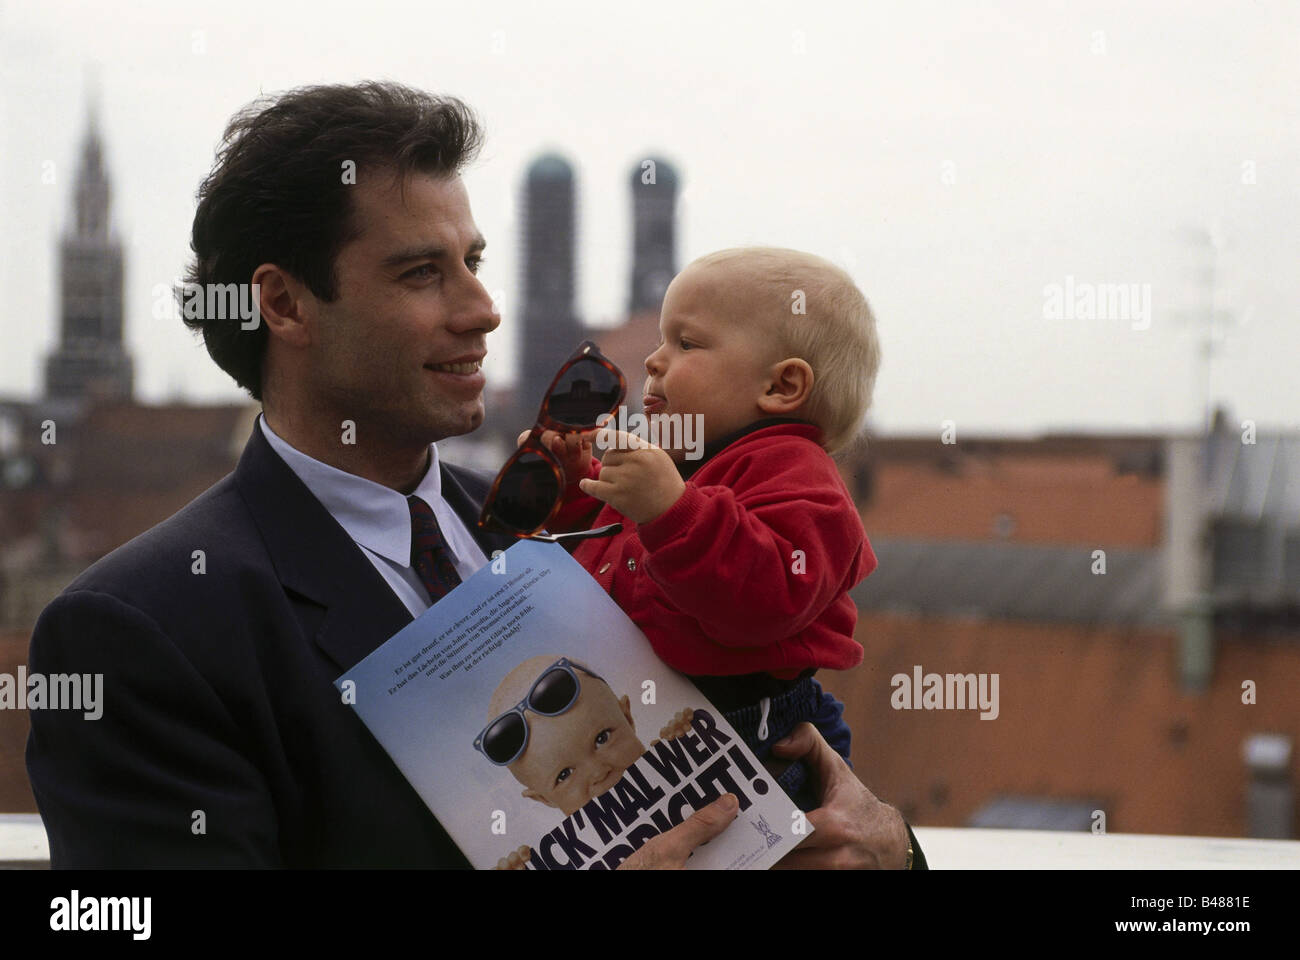 """Travolta, John, * 18.2.1954, US-amerikanischer Schauspieler, auf der Pressekonferenz, Filmpremiere """"Look Who's Stockbild"""